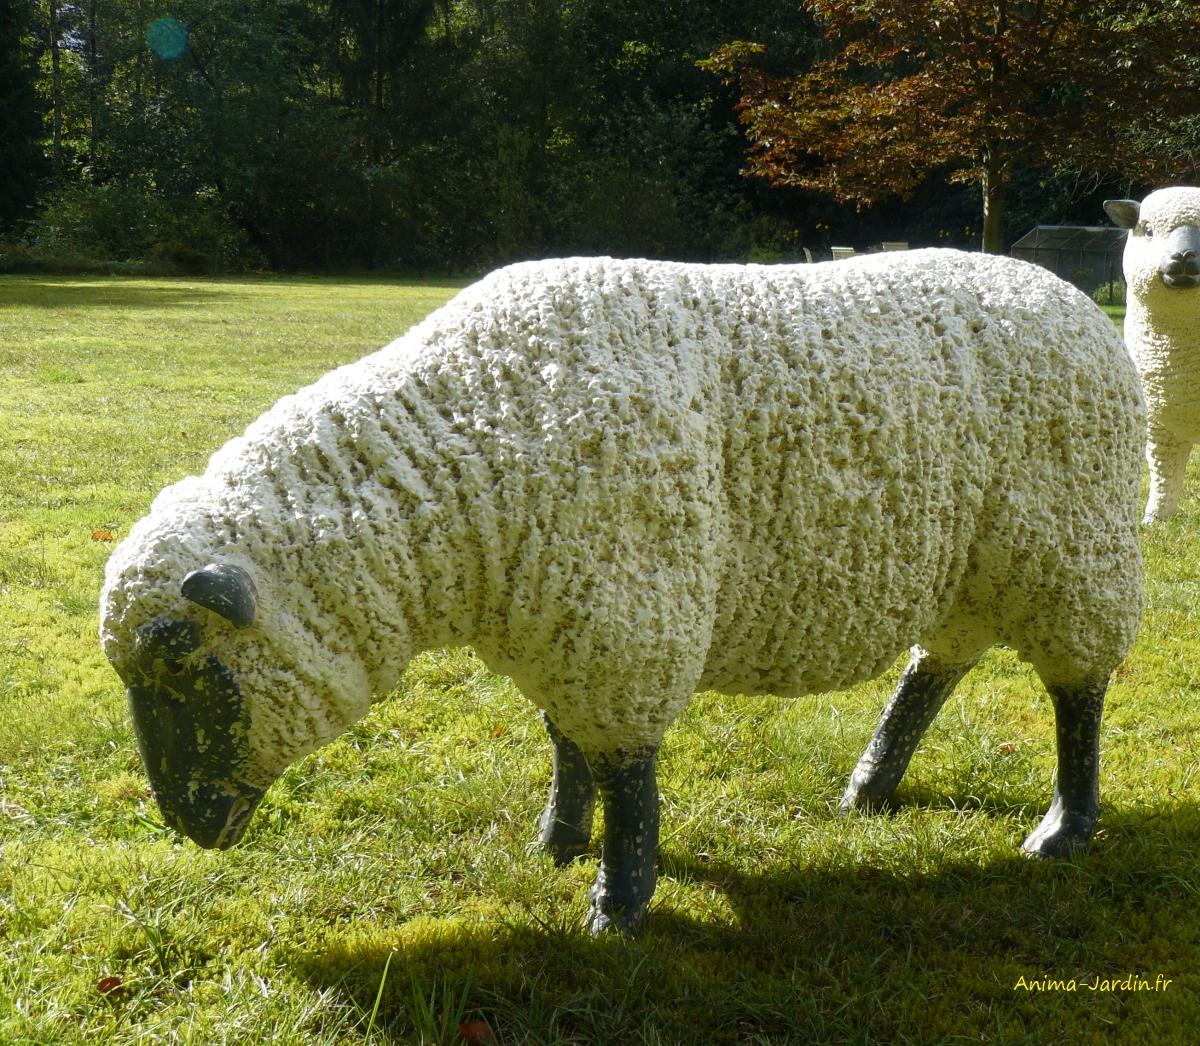 mouton-beige-résine-tete-noire-haute-anima-jardin